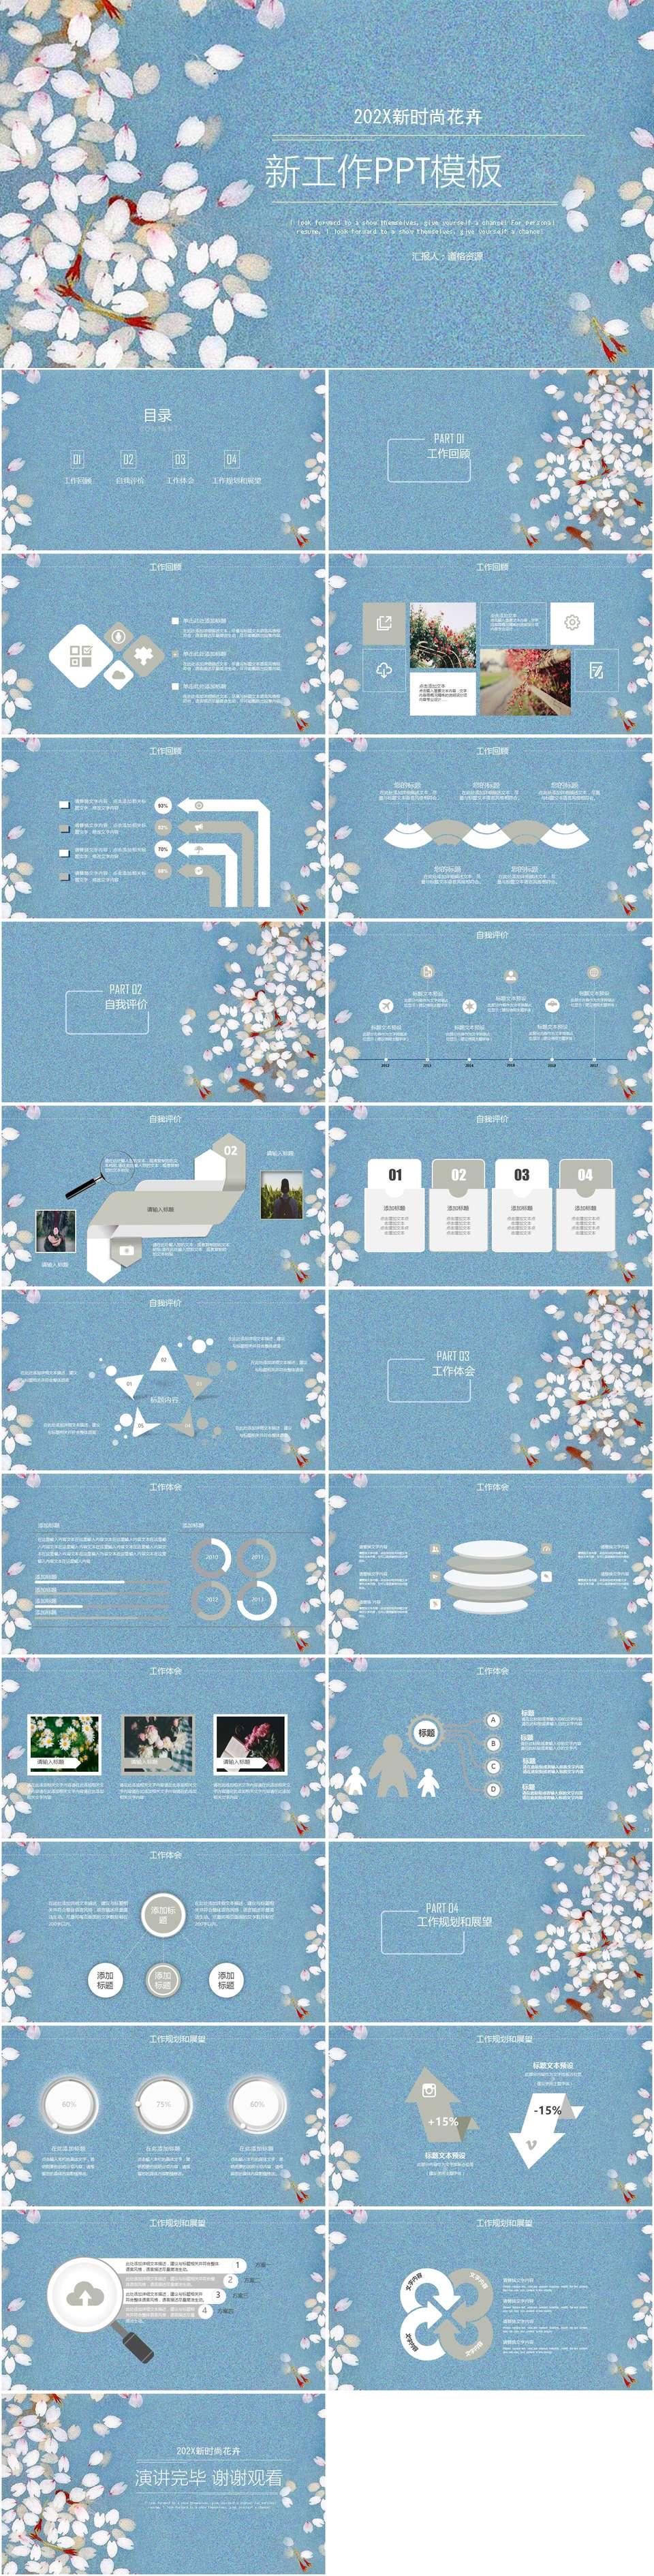 时尚小清新工作计划总结PPT模板插图1